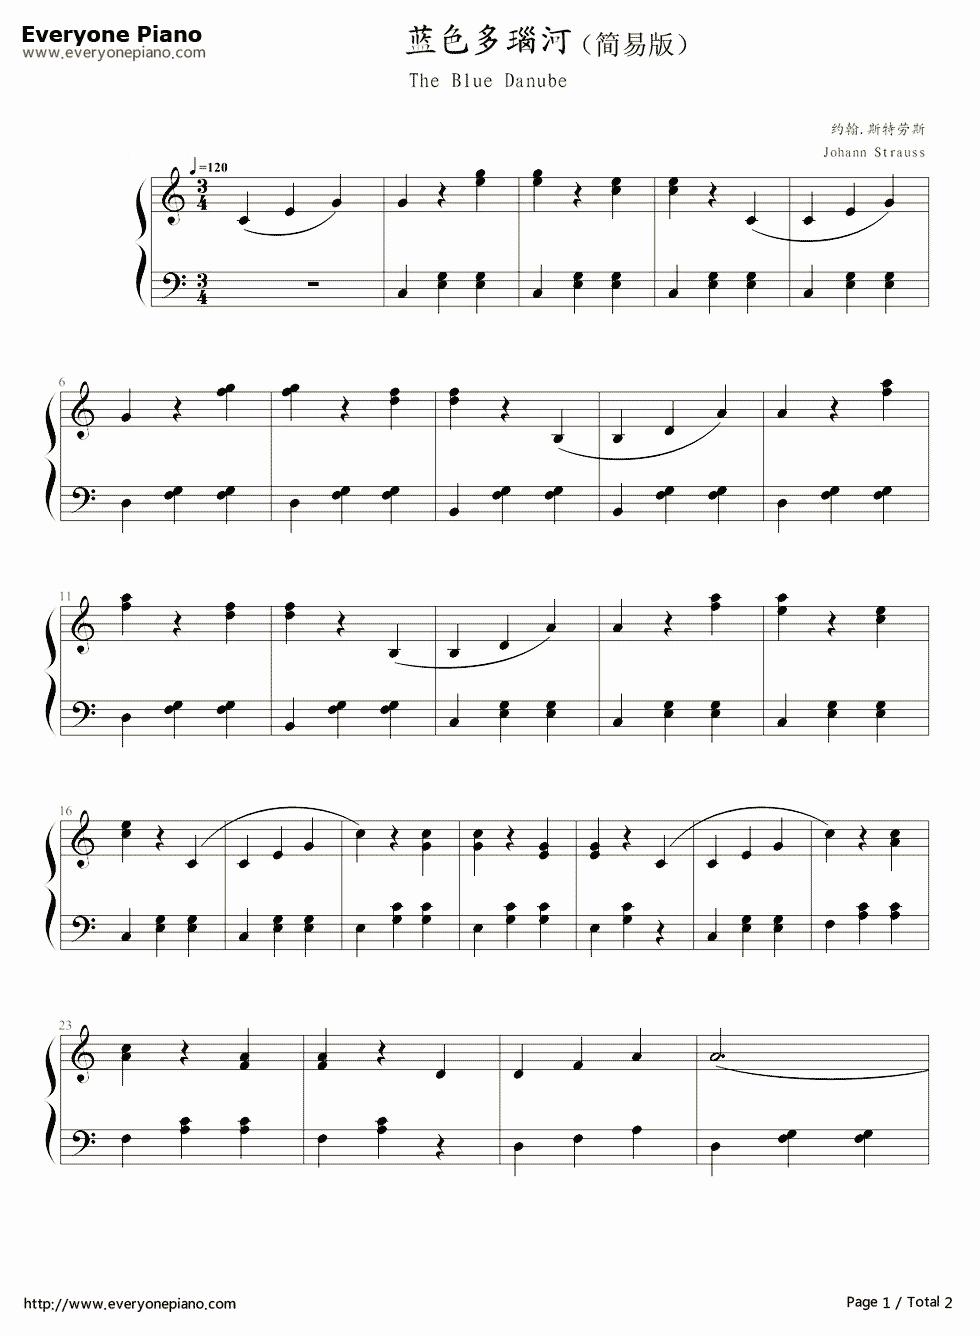 《蓝色多瑙河》 钢琴谱第1张